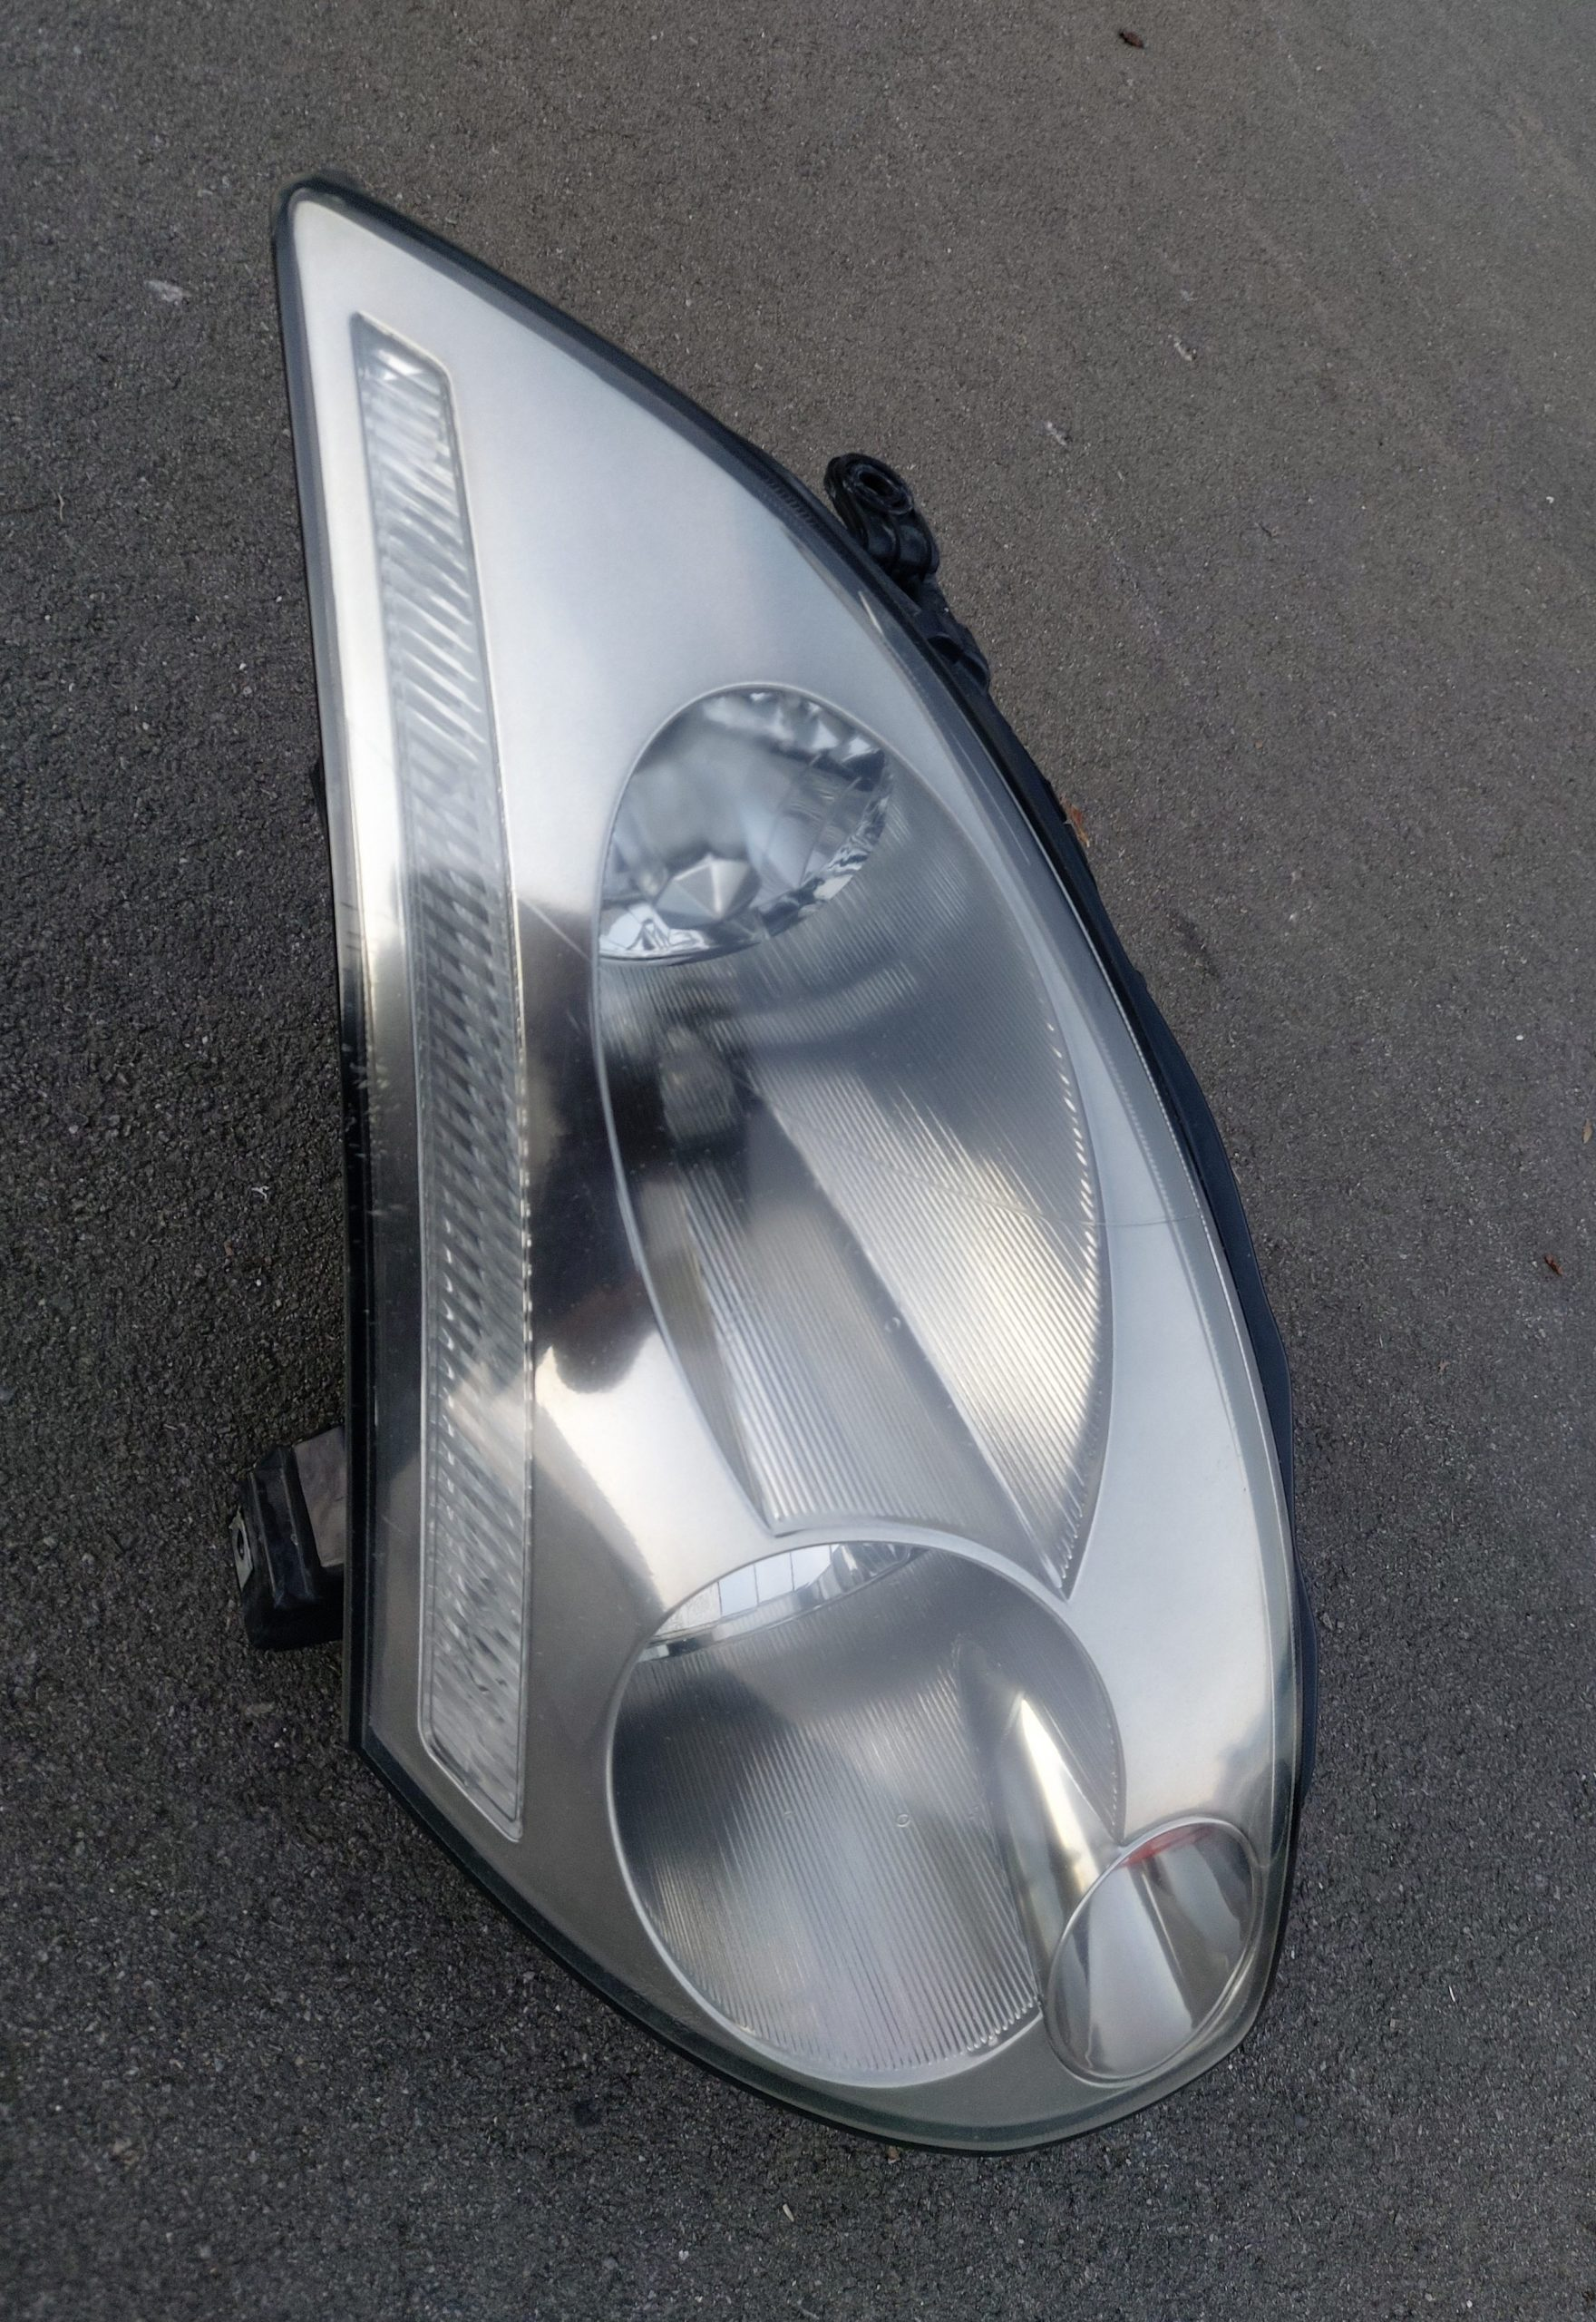 04 V35 SKYLINE COUPE DRIVE SIDE HEADLIGHT